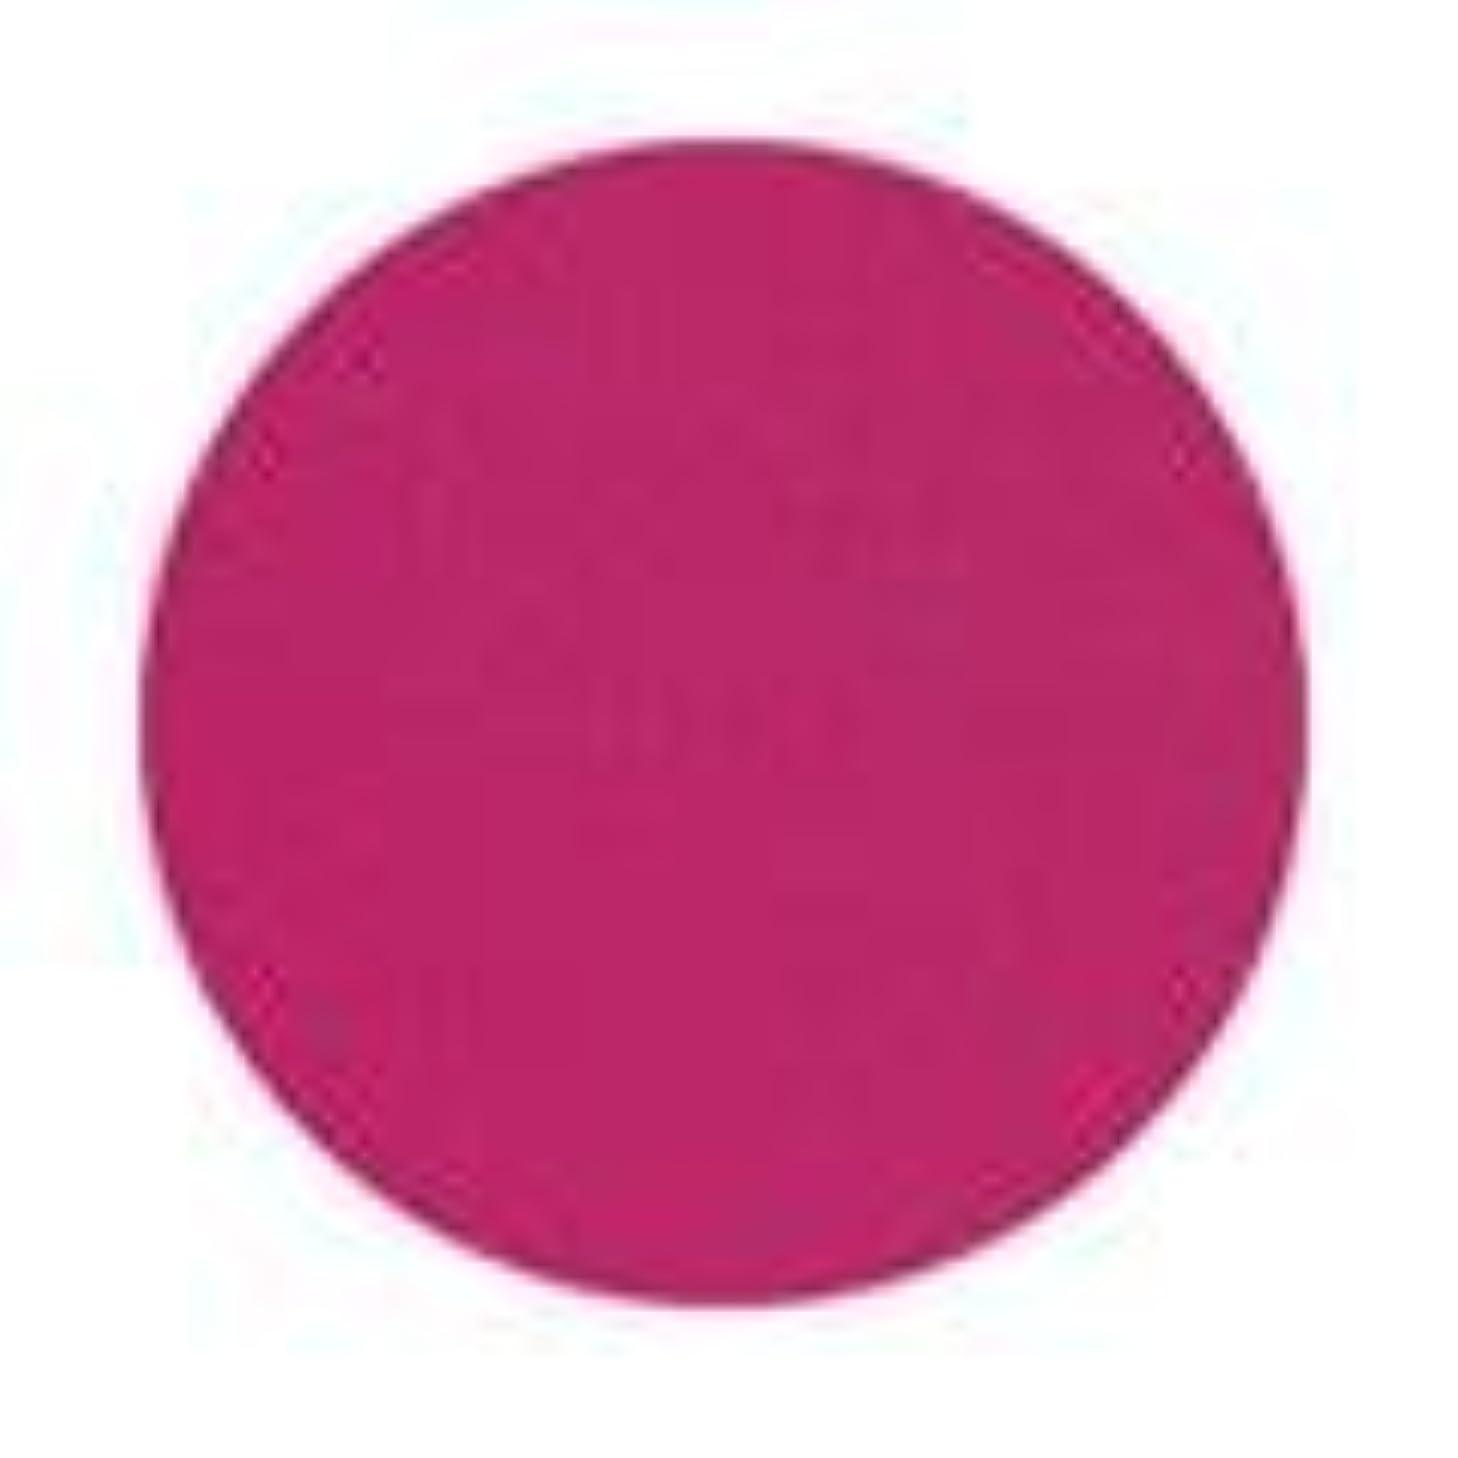 ソケット新しい意味打倒Jessica ジェレレーション カラー 15ml  546 カラーミーカラリリー